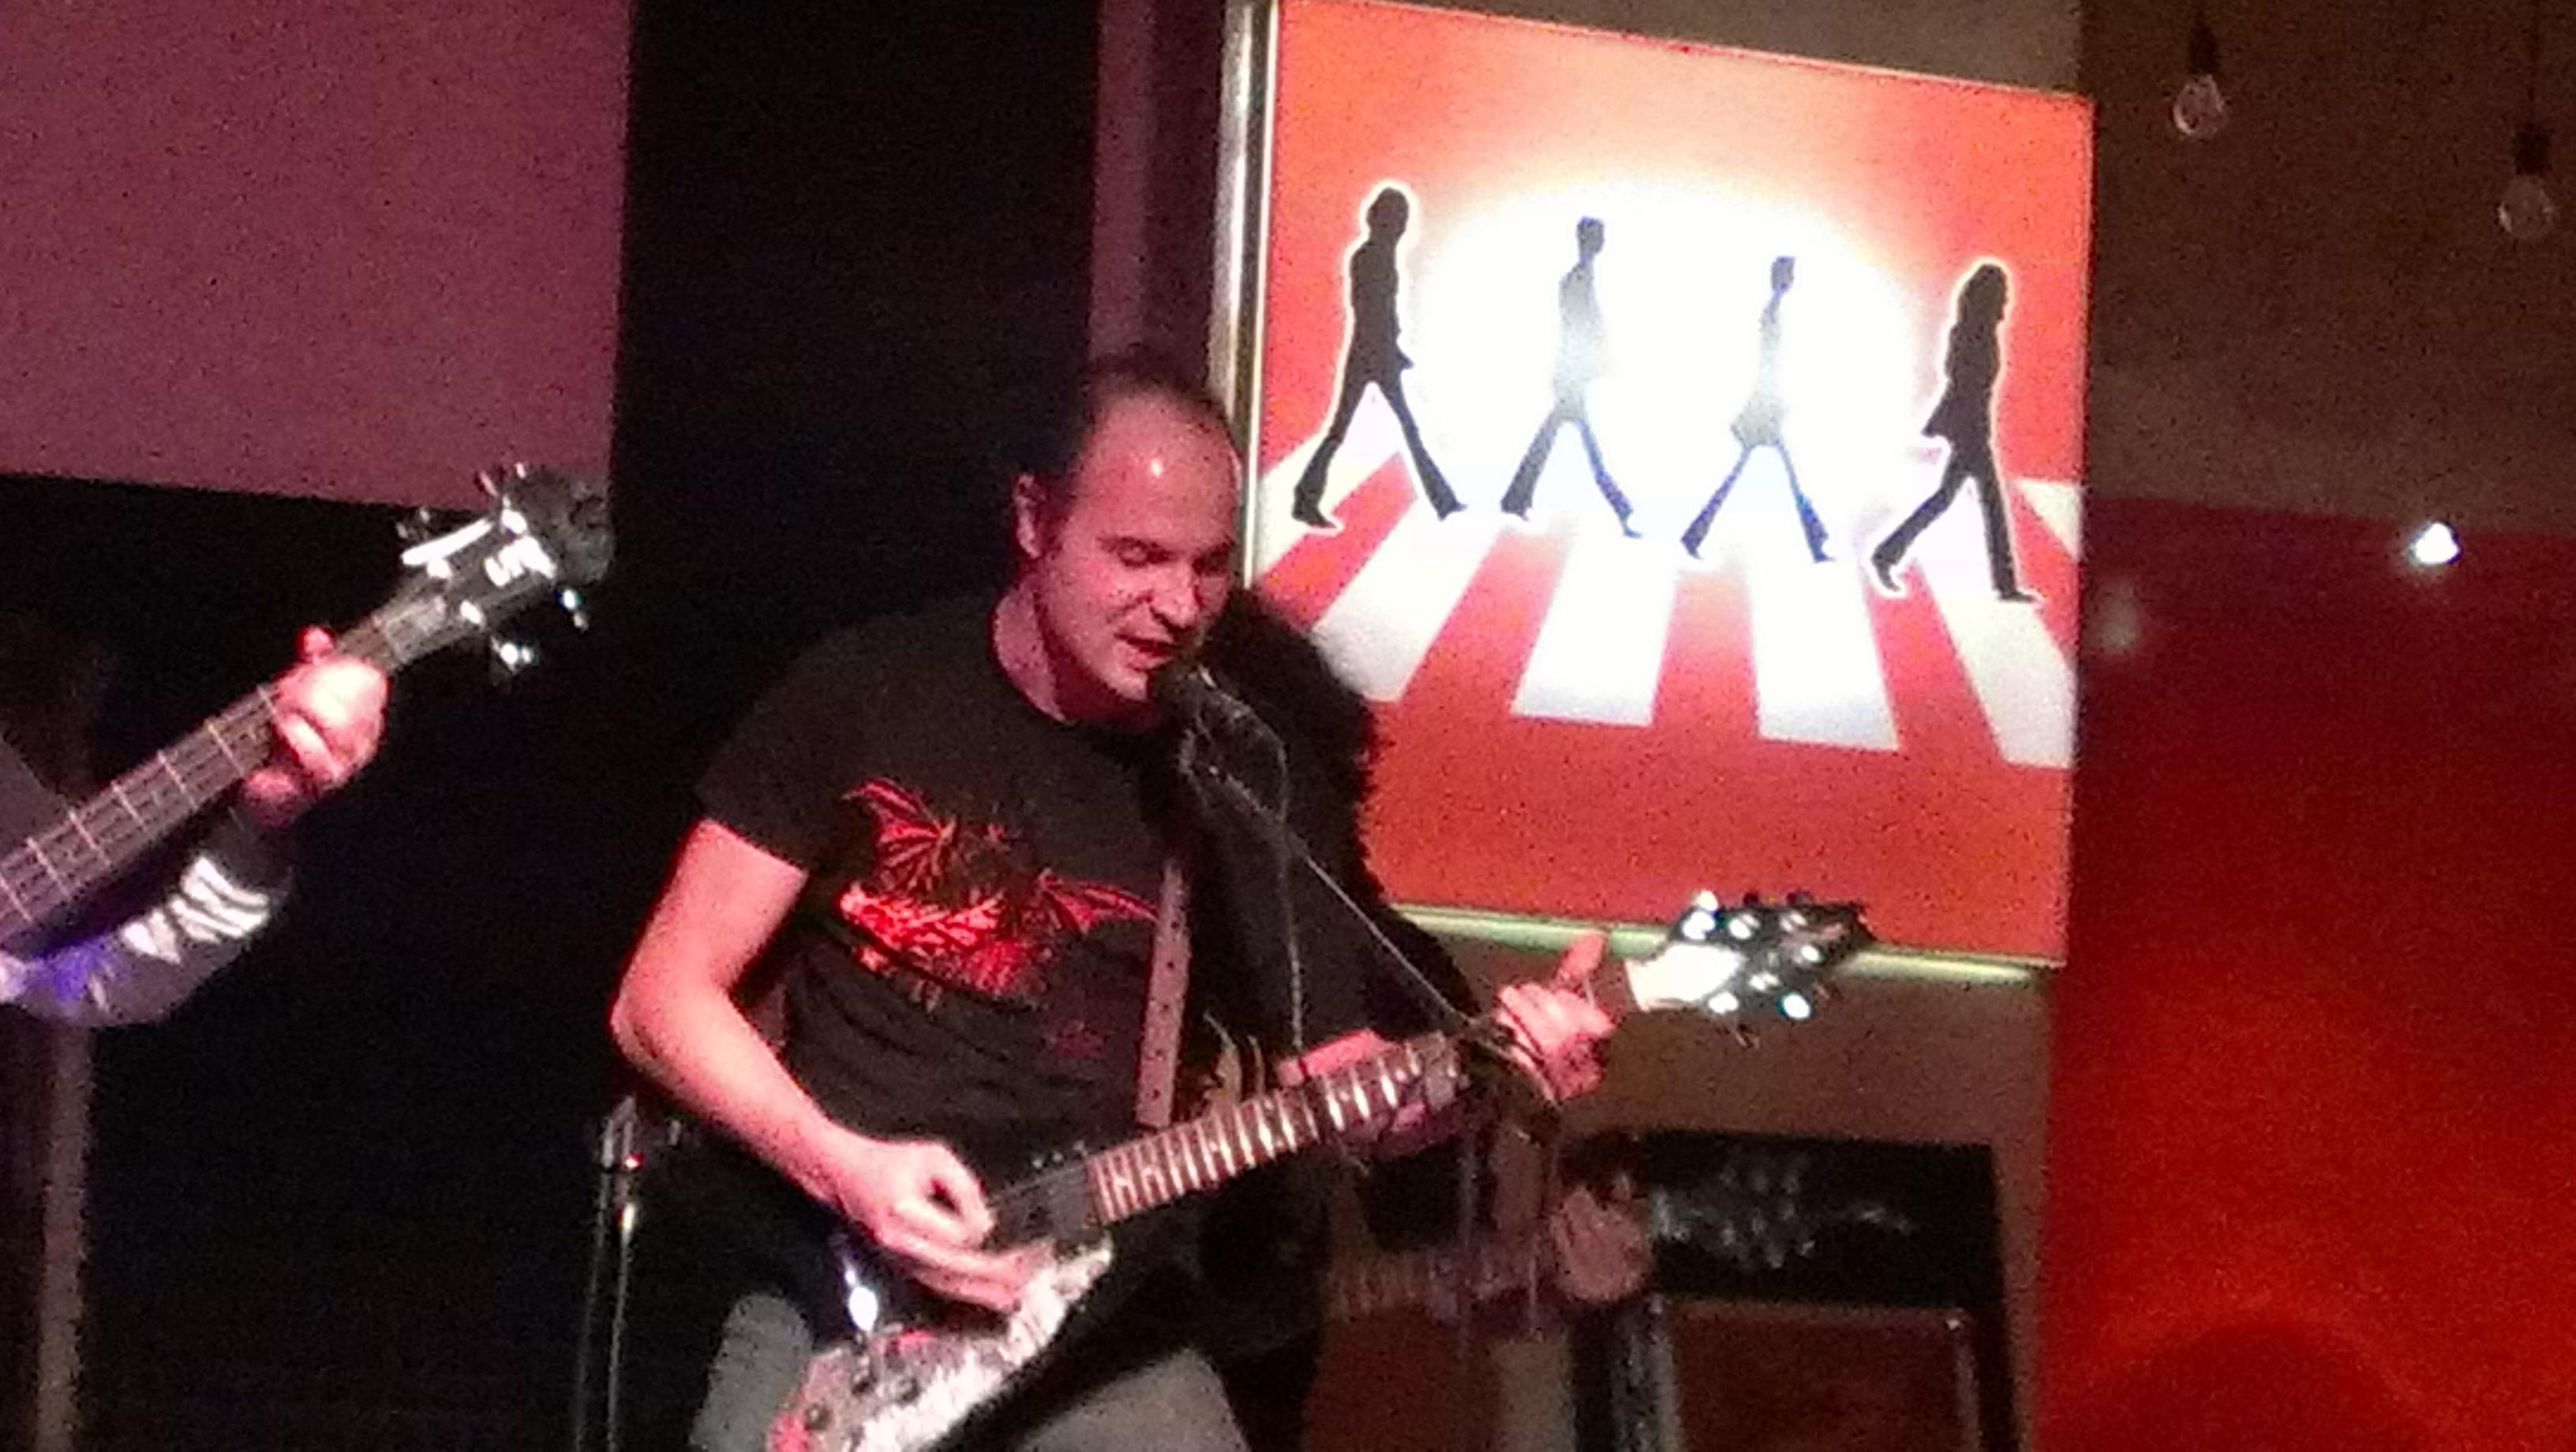 Live@Altrimenti ci Arrabbiamo, Macerata, Italy - 12.12.2012